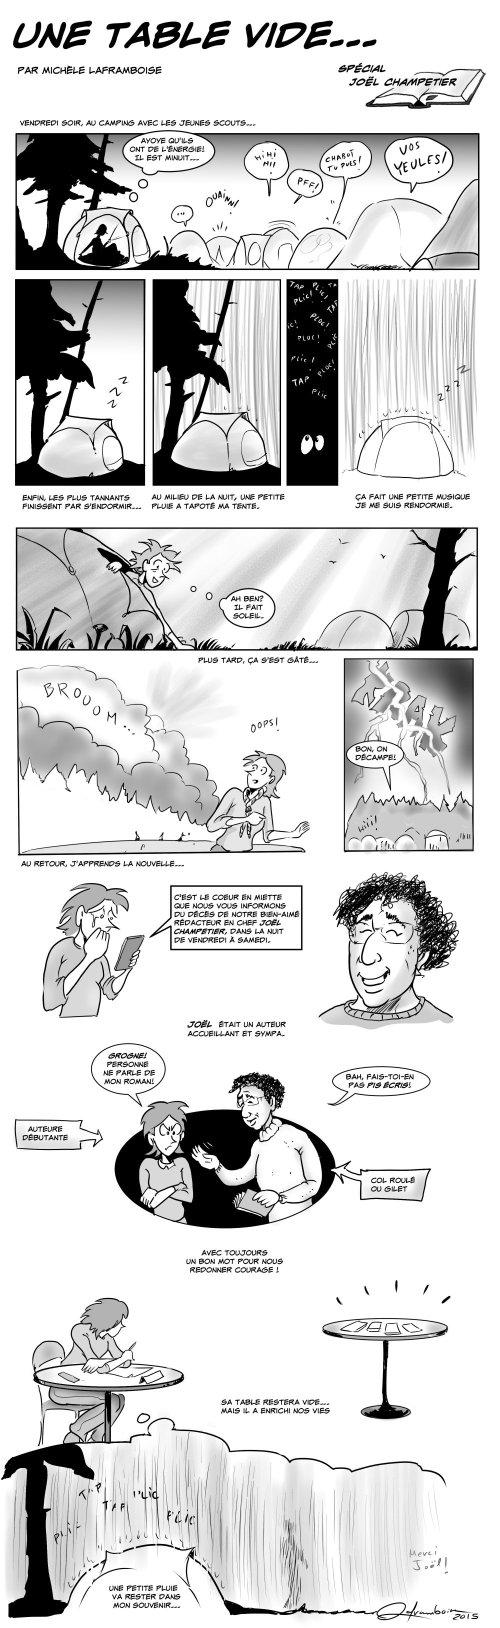 Jour sombre pour le milieu de la science-fiction et du fantastique québécois. Un de ses piliers, Joël Champetier, est décédé dans la nuit du 29 mai, après avoir livré une courageuse bataille contre le cancer. Il avait 57 ans.